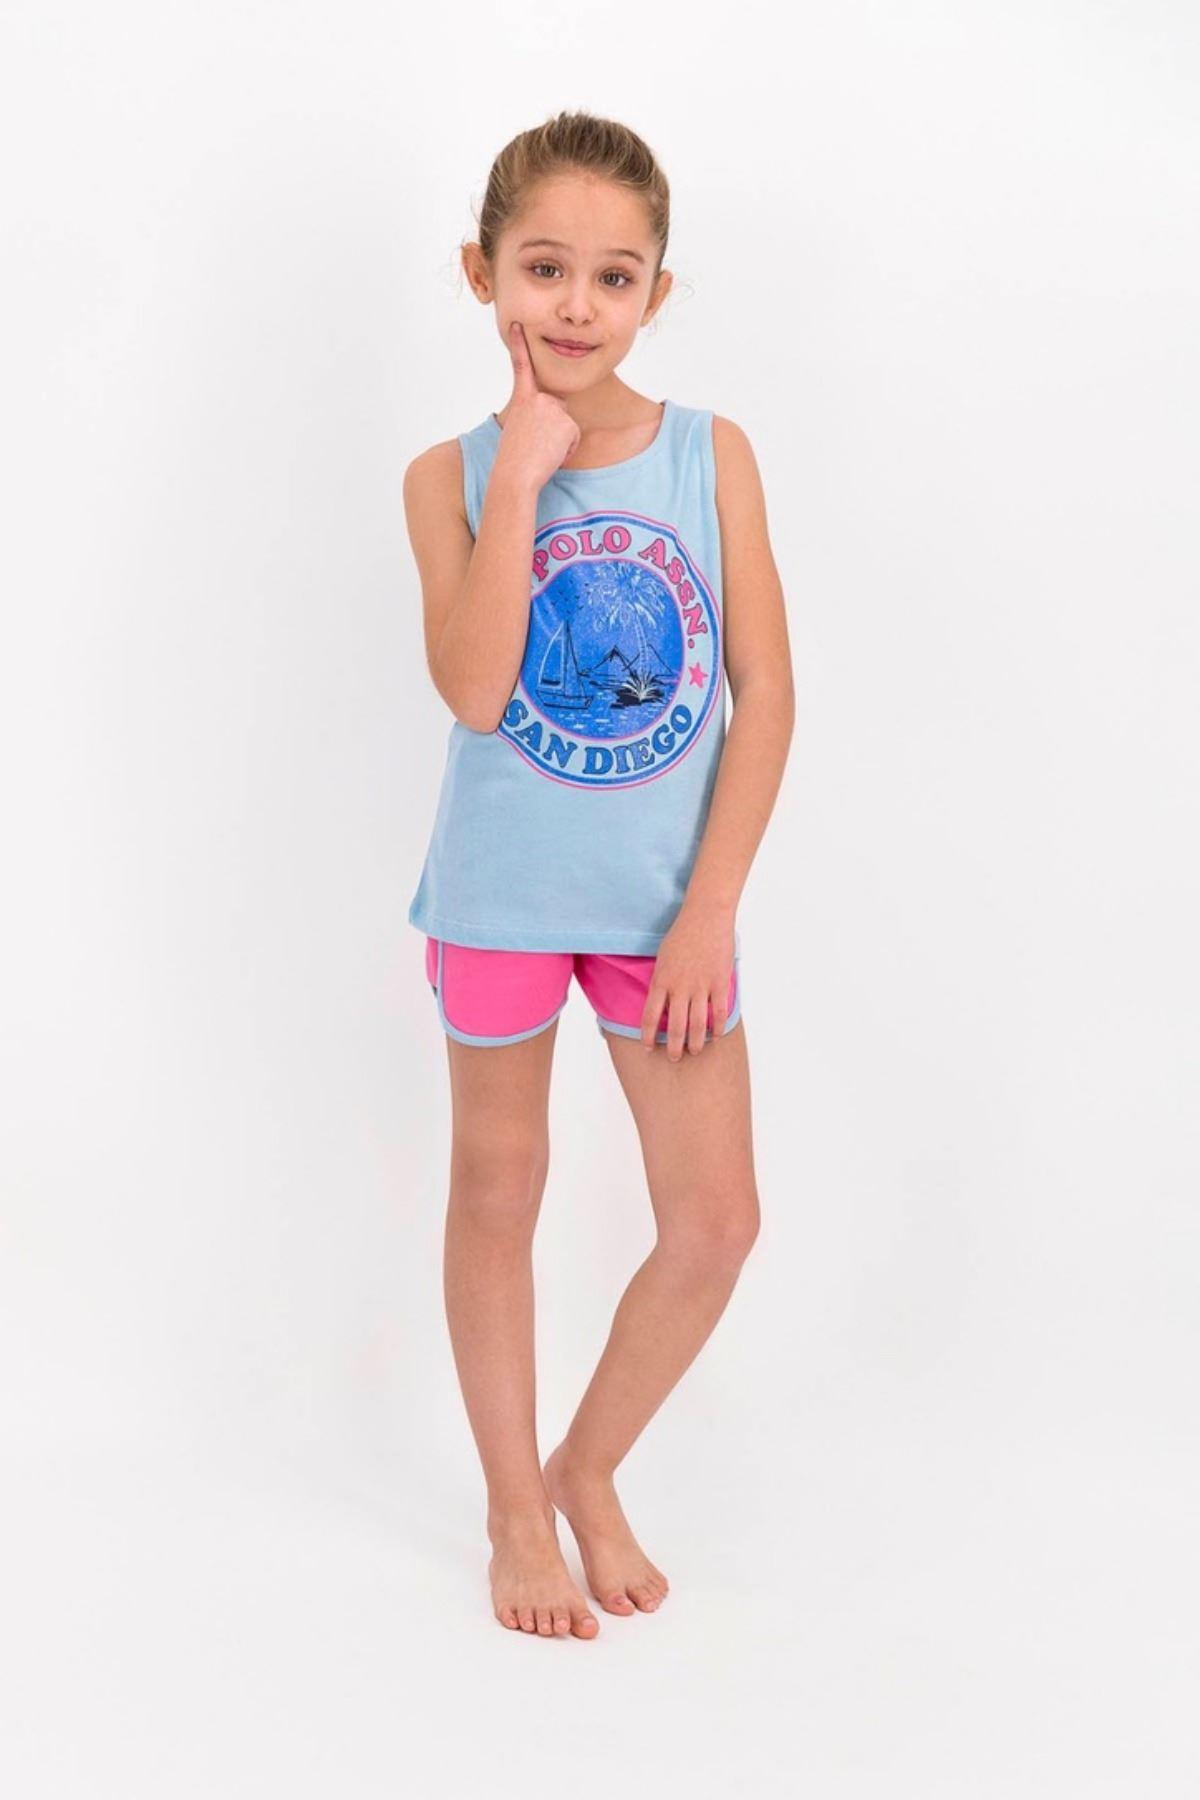 9-15 Yaş Us Polo ASSN Lisanslı San Diego Mavi Kız Çocuk Takım